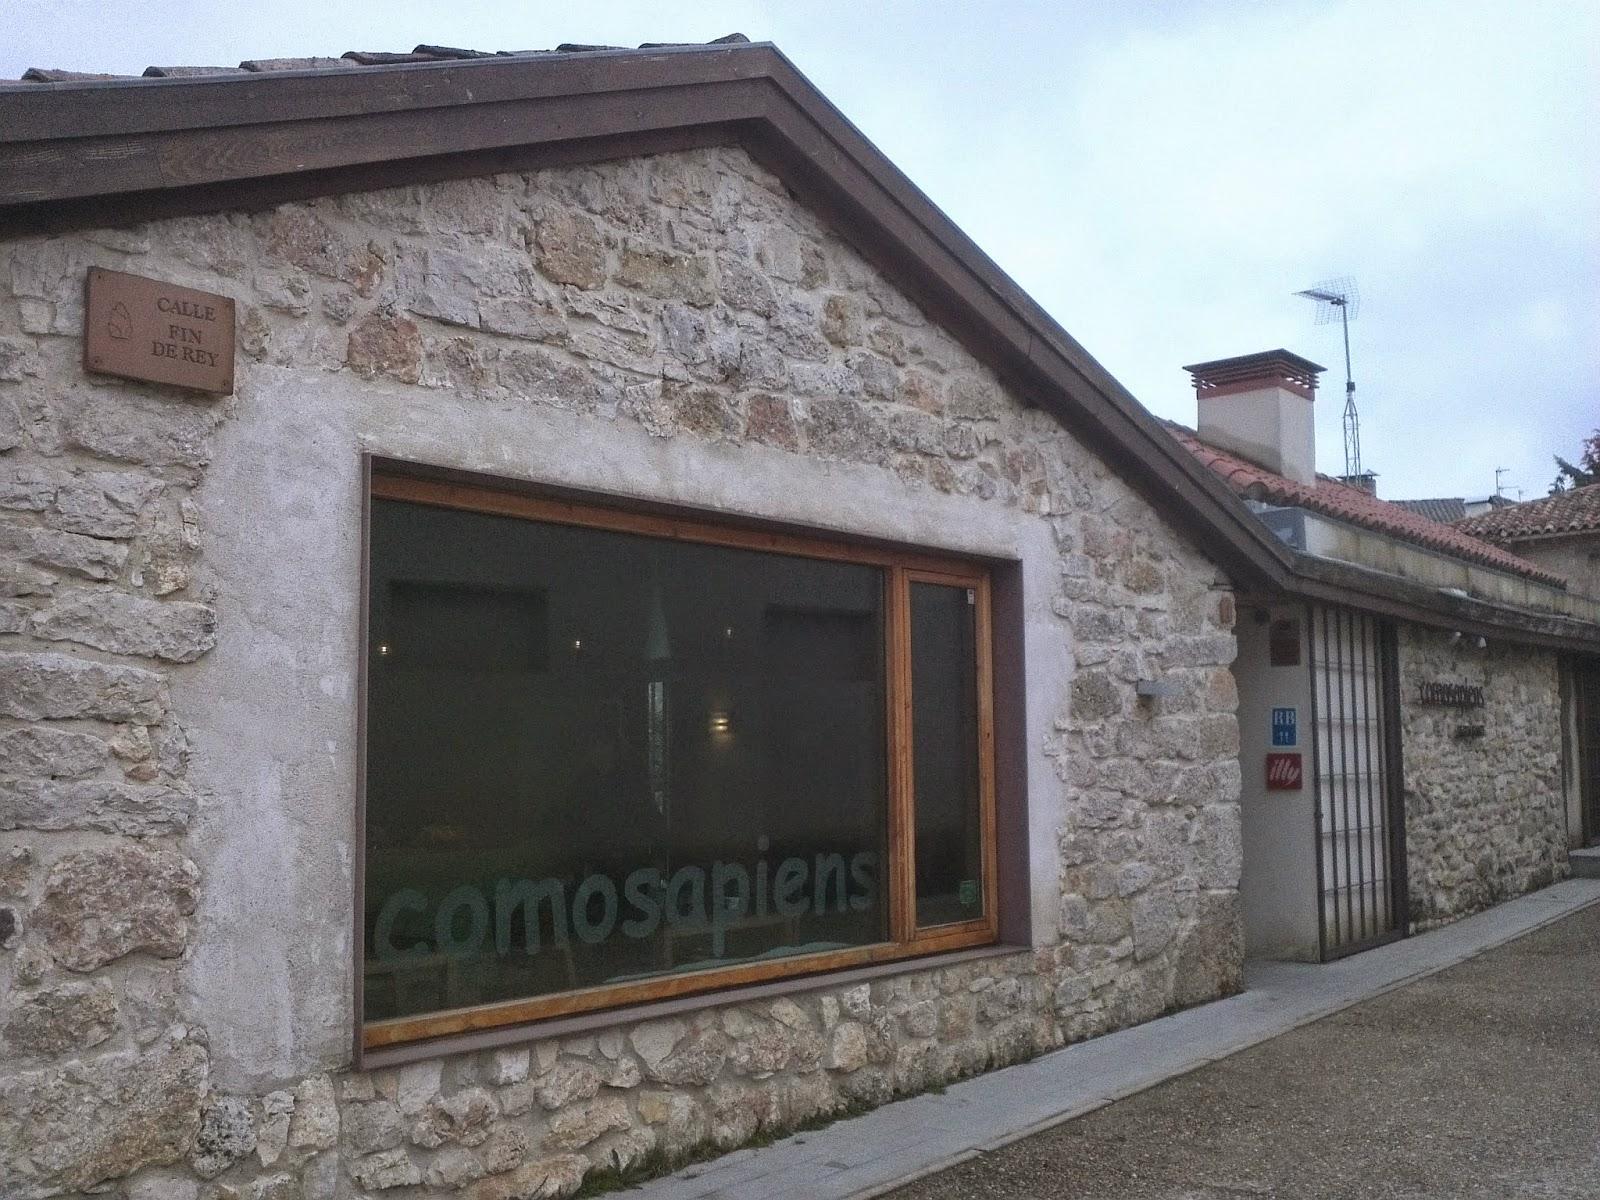 Comosapiens Restaurant Atapuerca